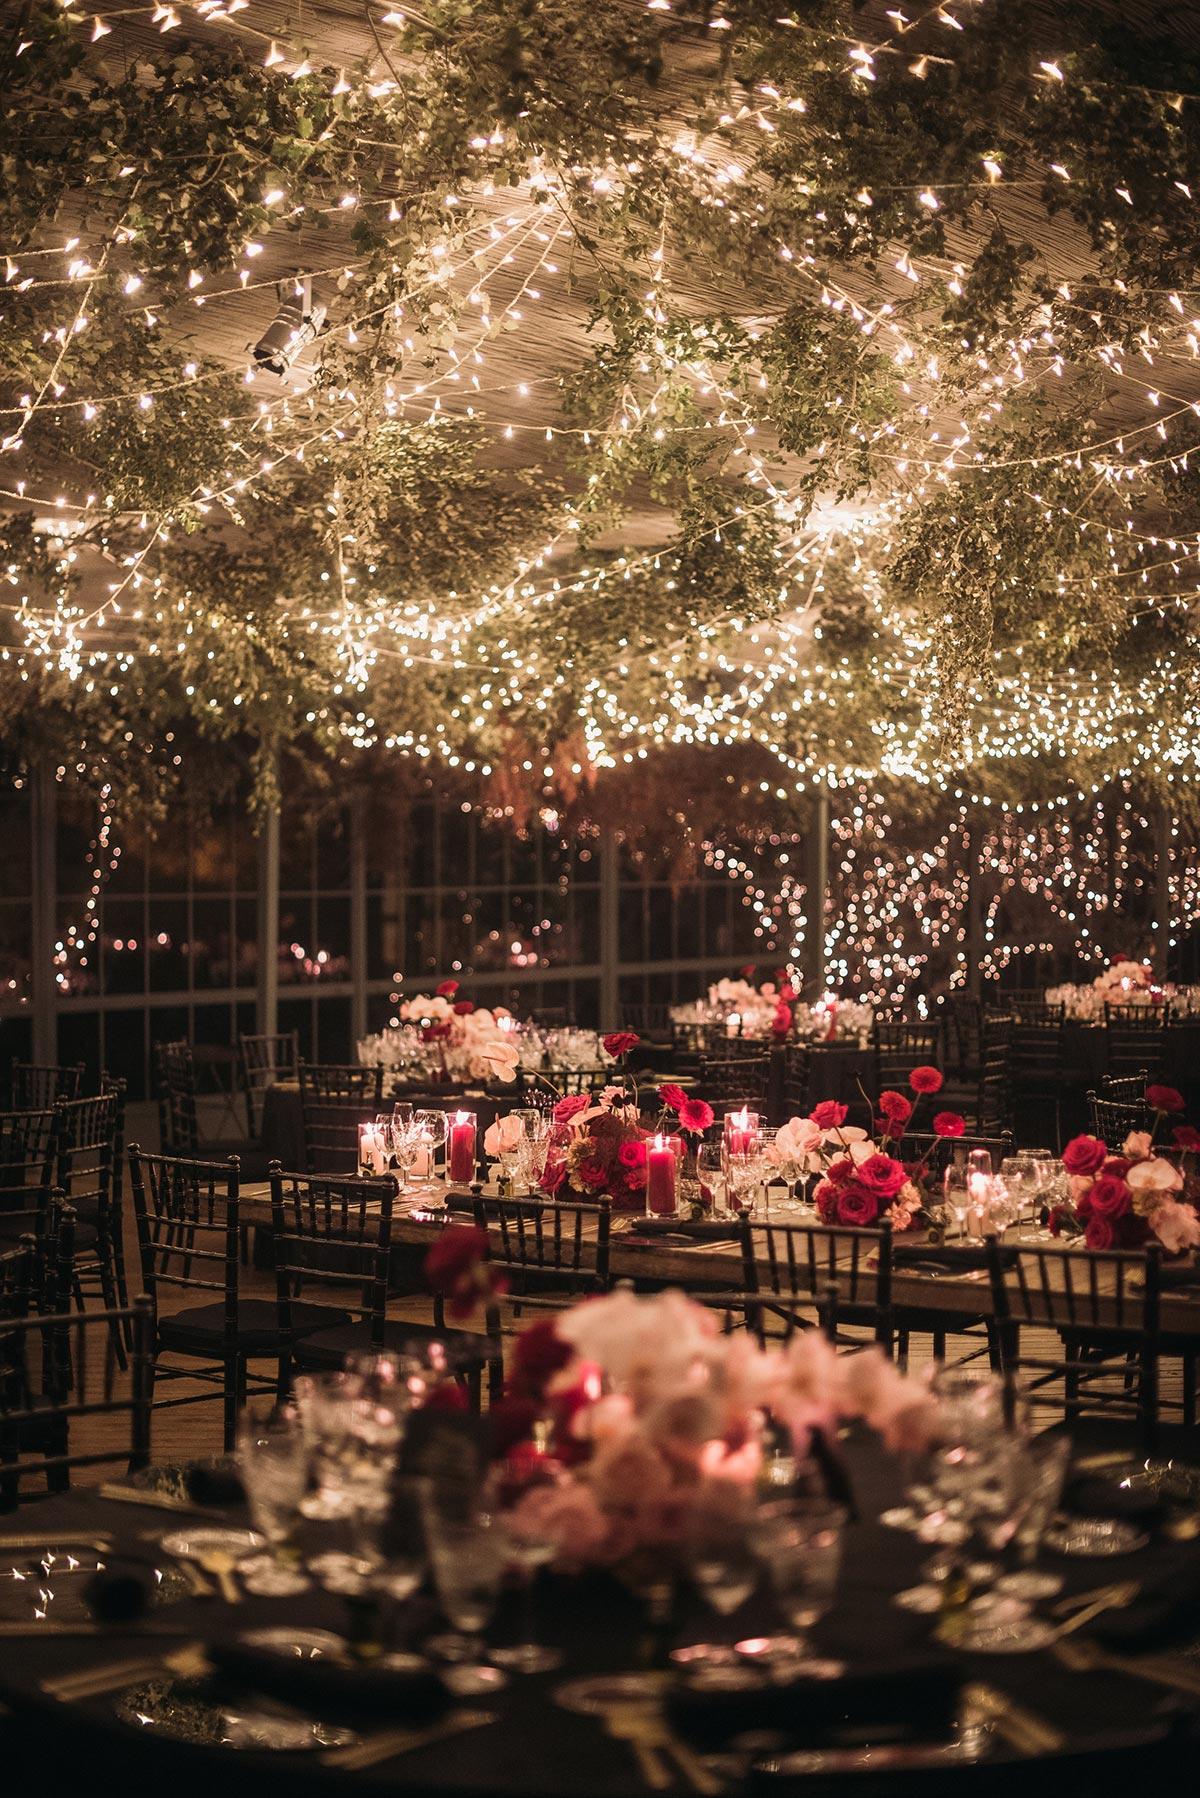 Boda de noche llena de luces | iluminacion | Bodas de Cuento